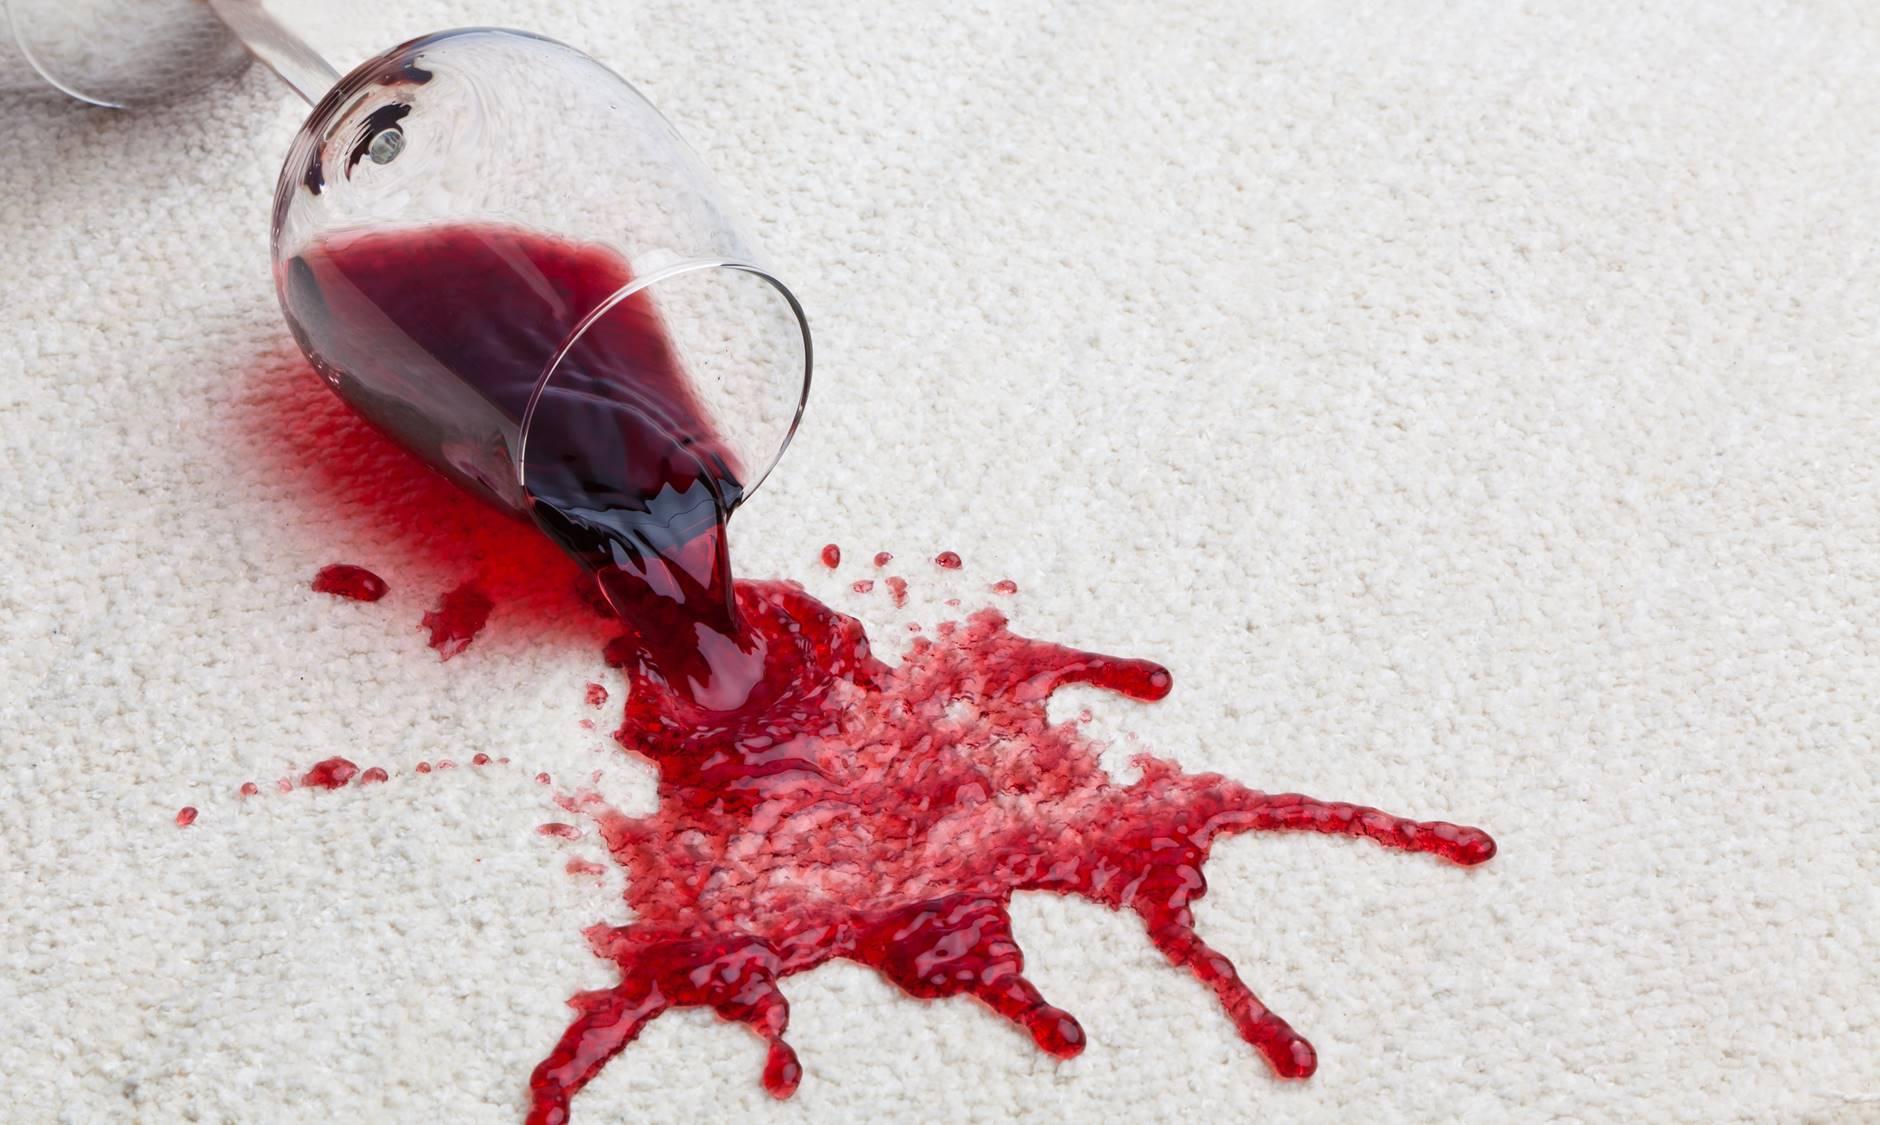 rødvin spildt på gulv